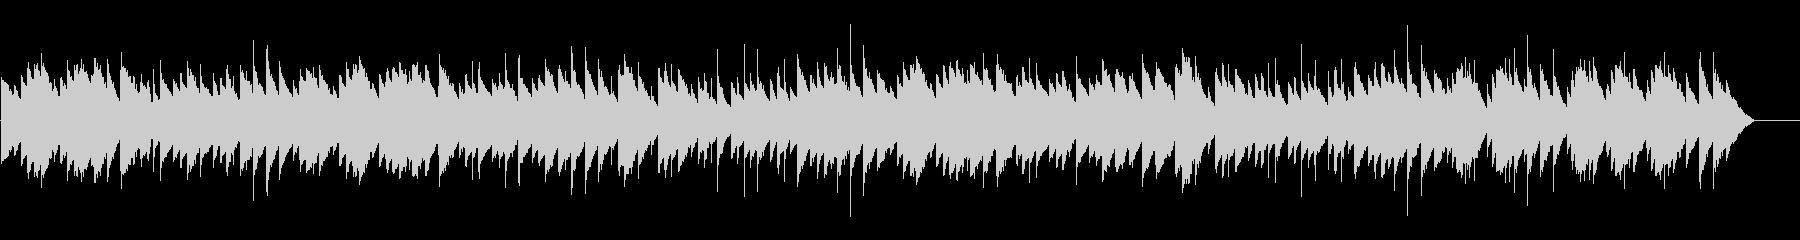 ブラームス ワルツ 第15番 オルゴールの未再生の波形